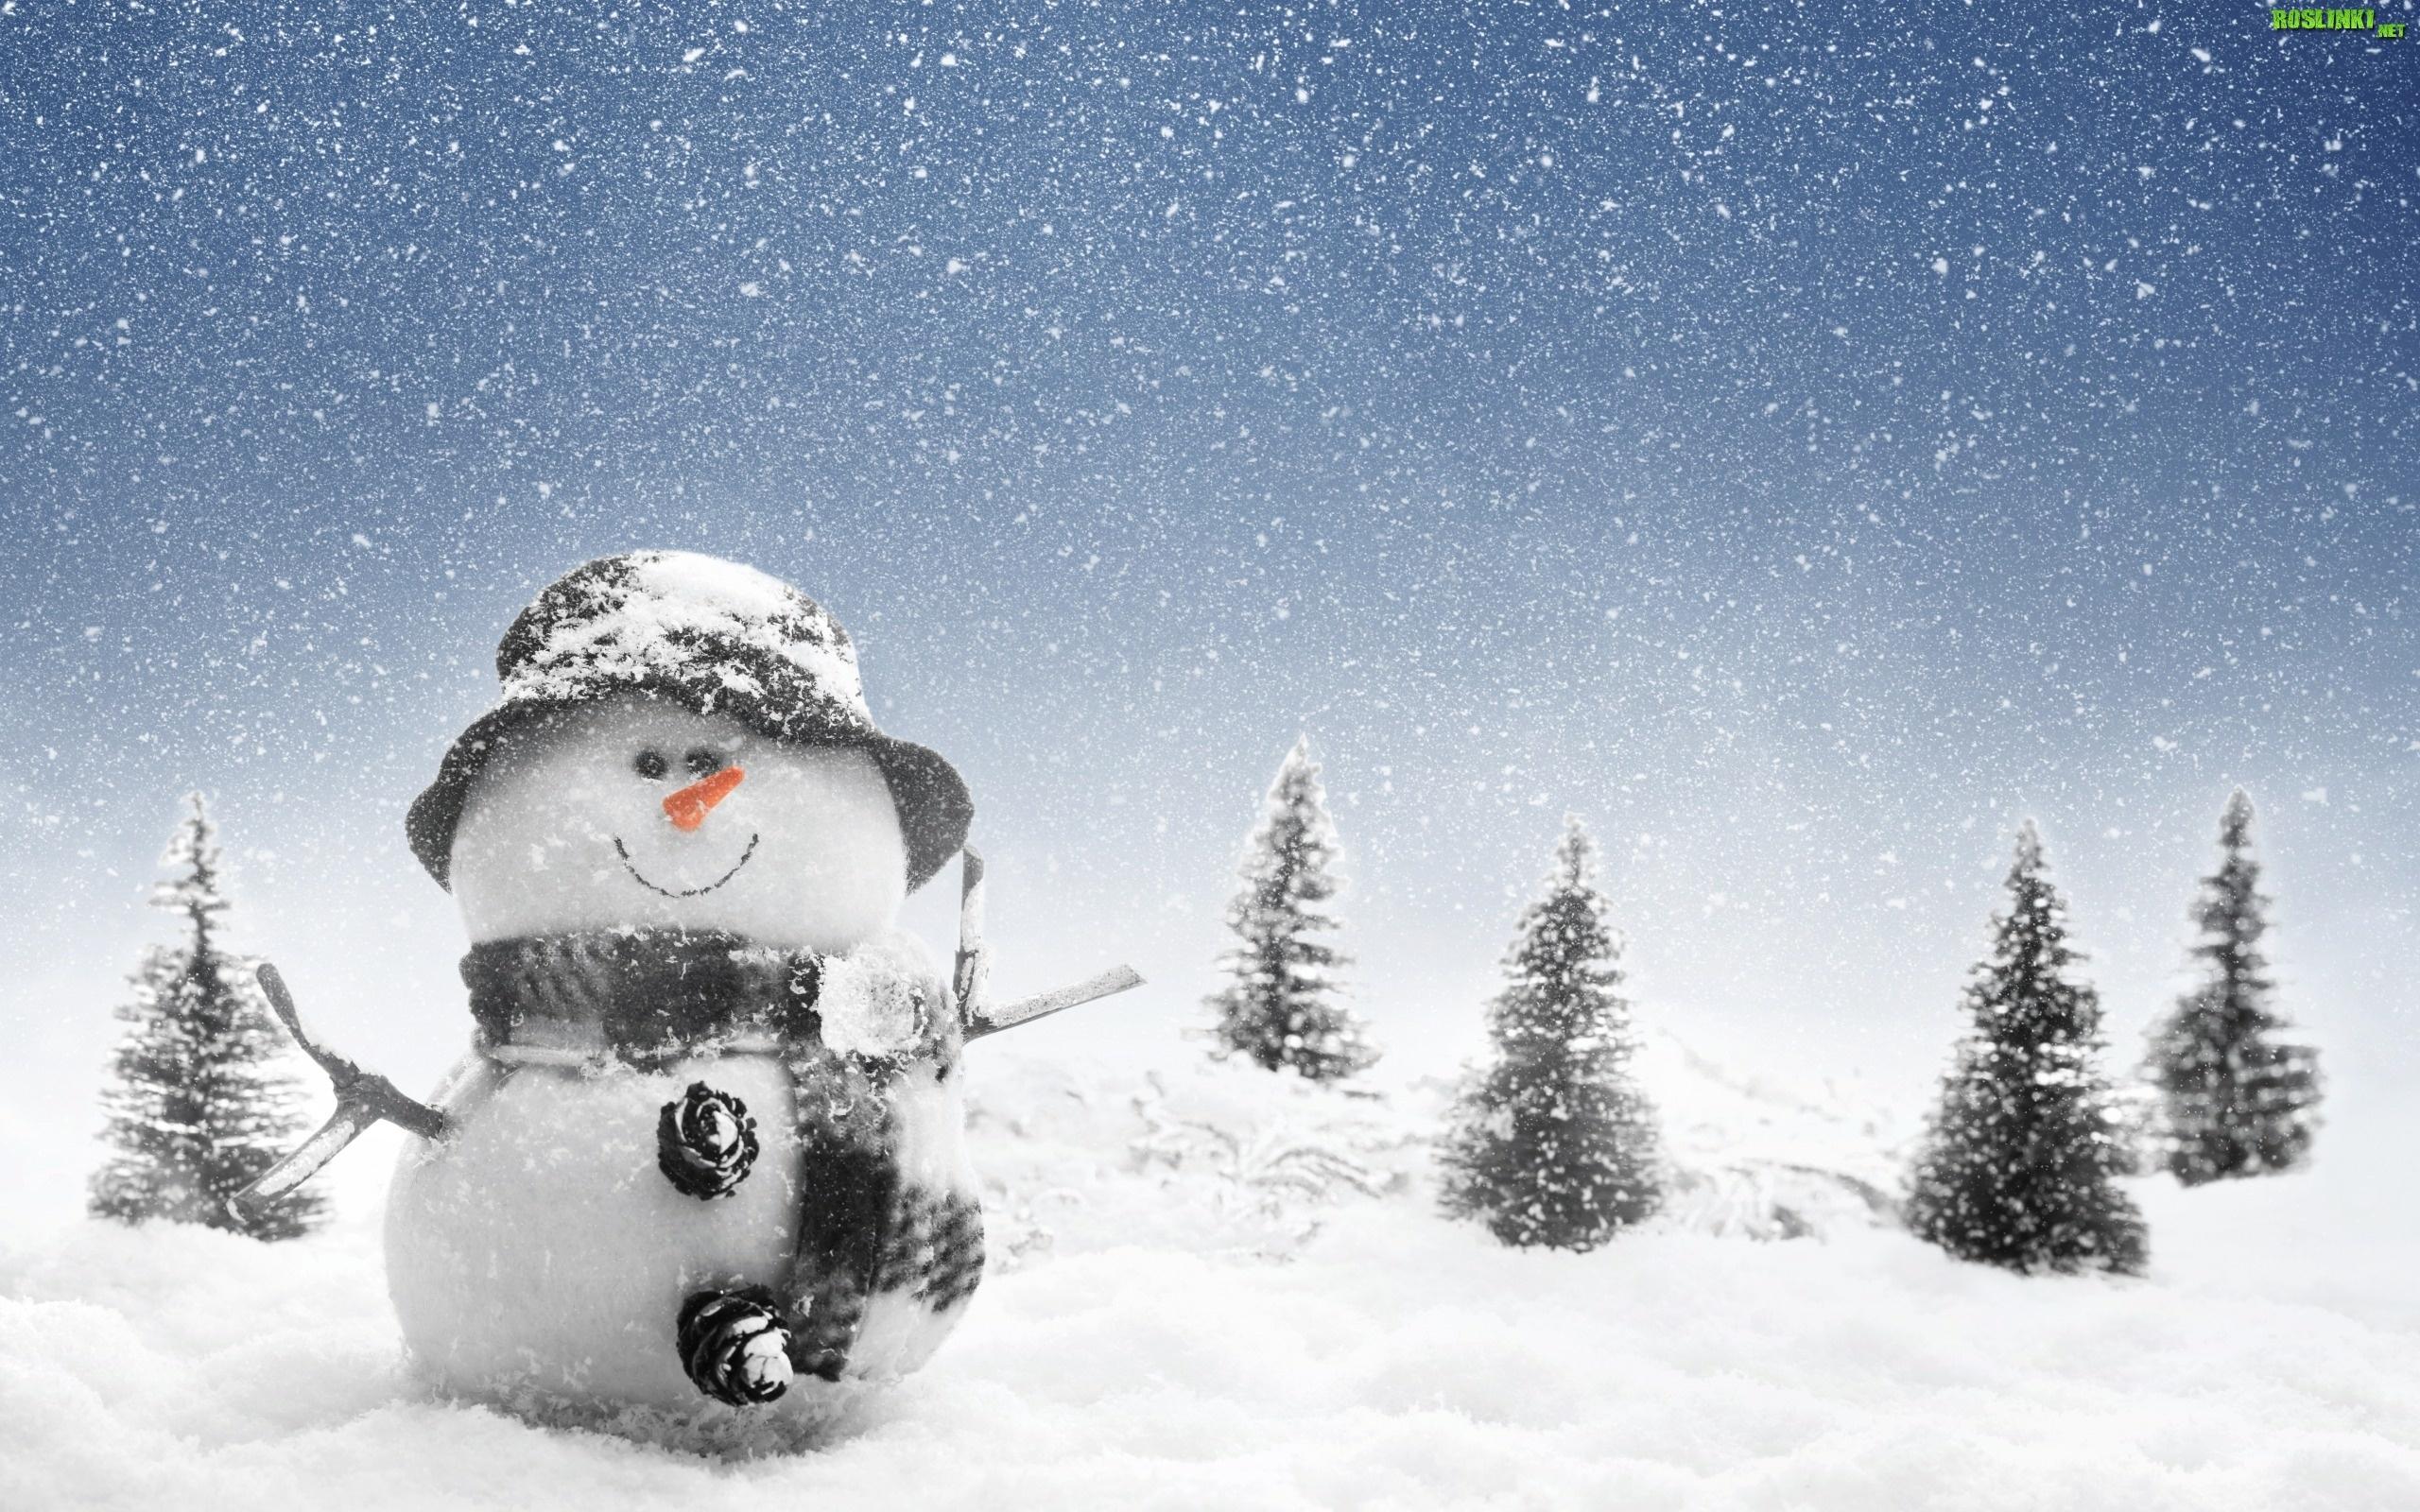 Bałwanek, Świerki, Śnieg, Zima